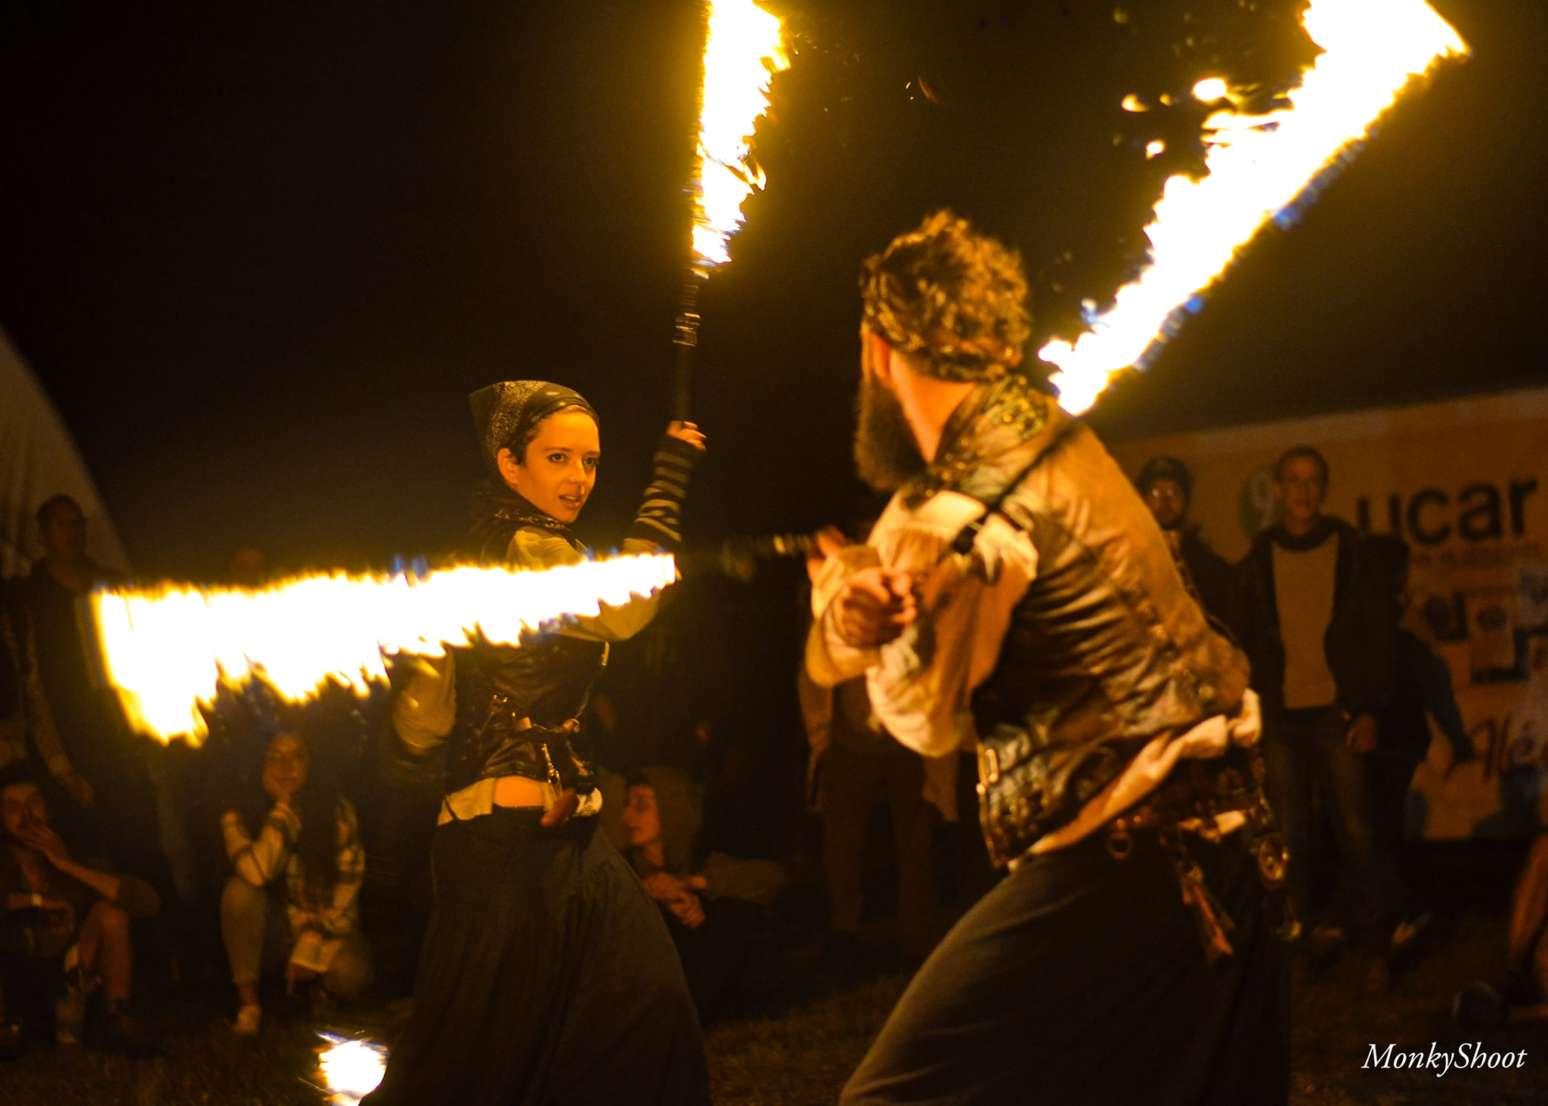 Compagnie de Spectacle vivant, spectacle de feu duo pirate